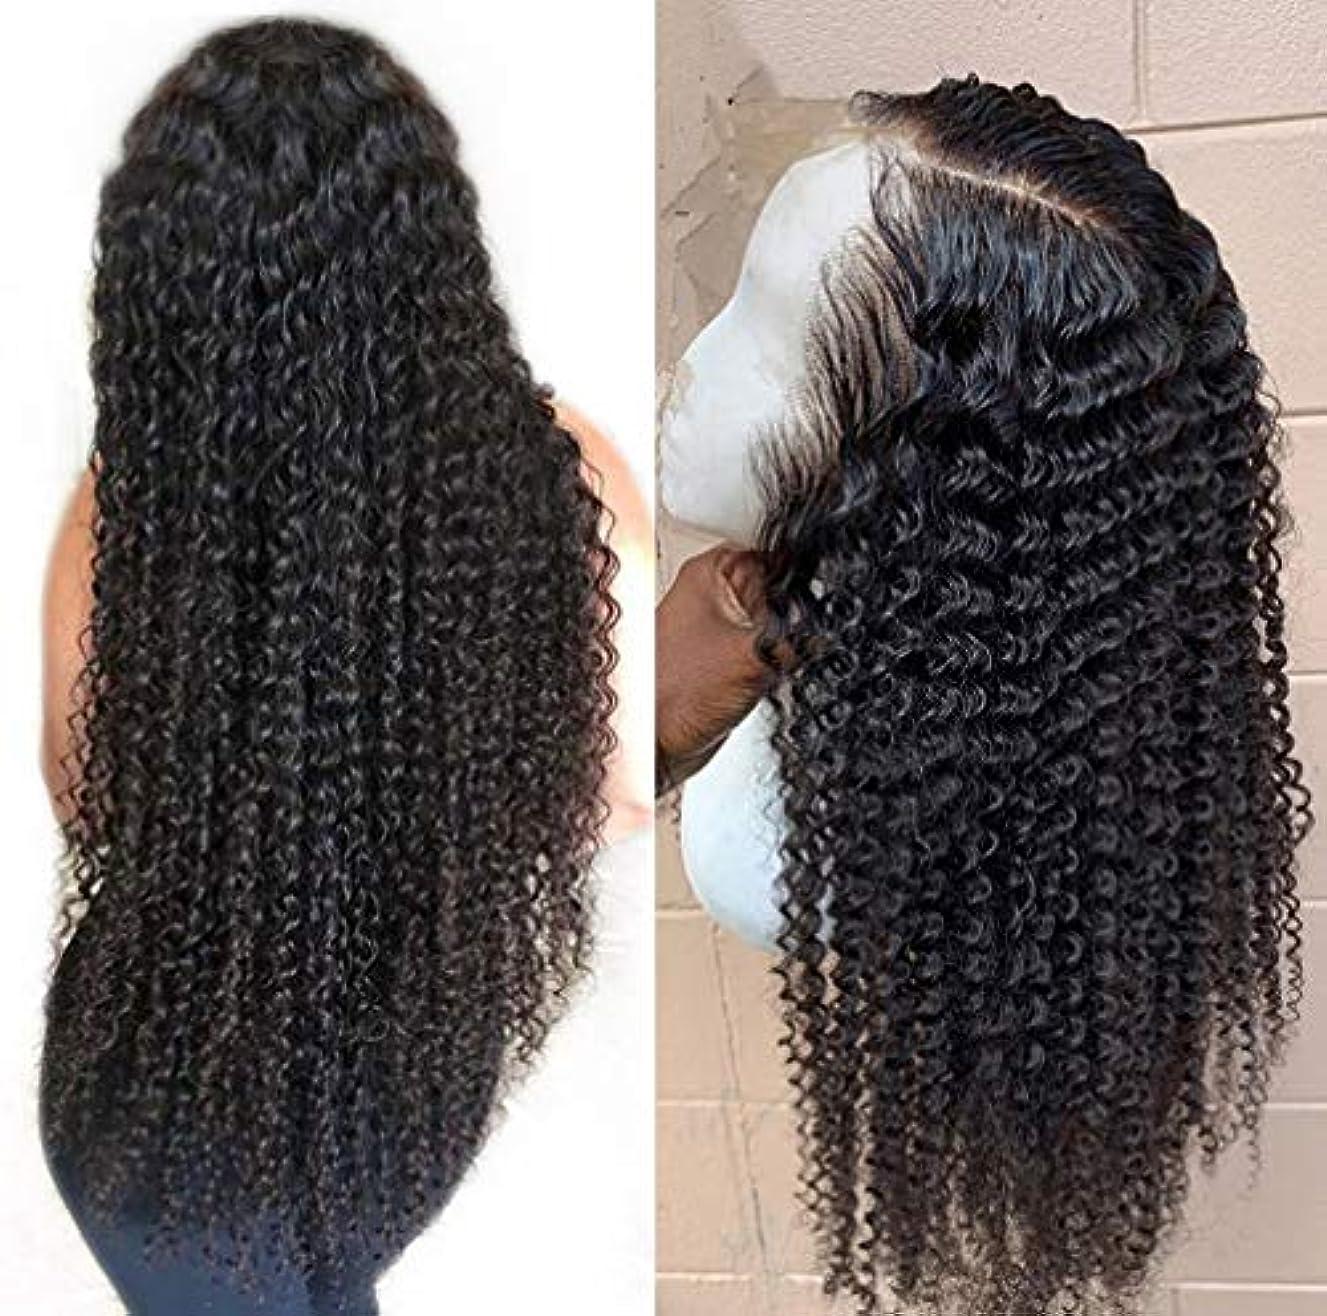 テナントのぞき見講義女性13 * 6レースフロントかつらブラジル人間の髪水波ペルーバージン人間の髪調節可能なかつらベビーヘア